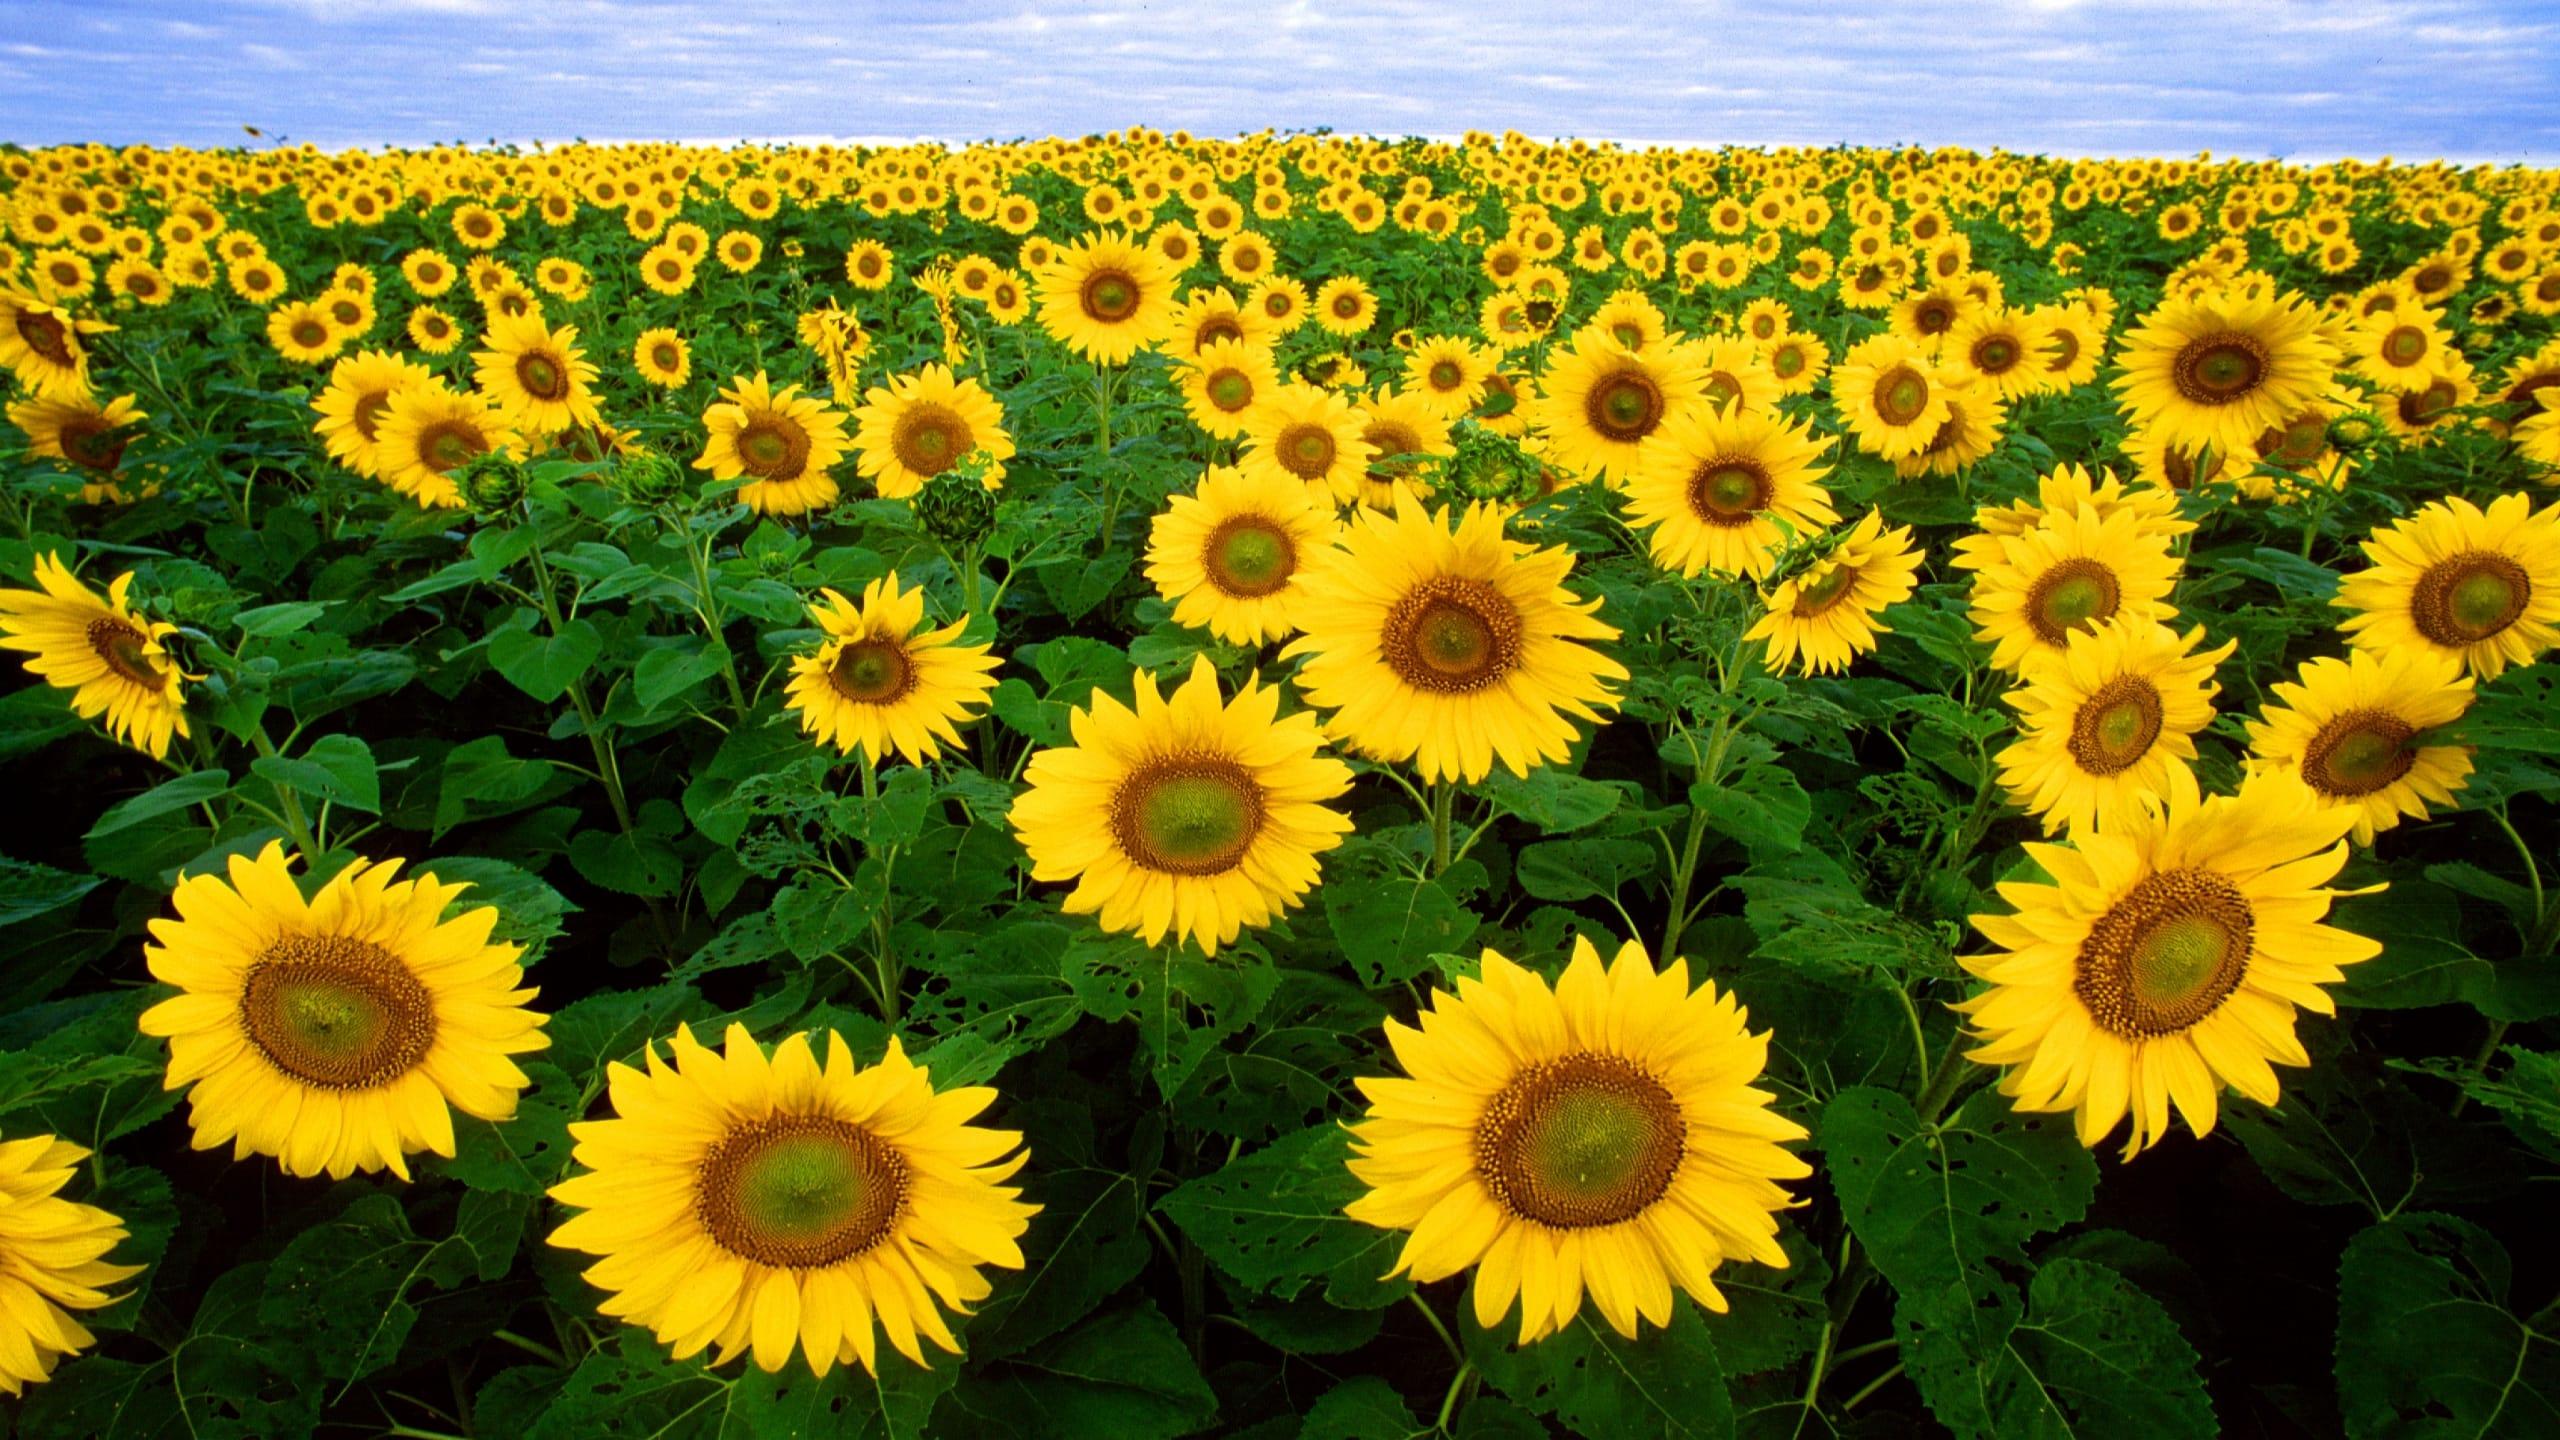 Hình nền 2K chất lượng - cánh đồng bạt ngàn hoa hướng dương